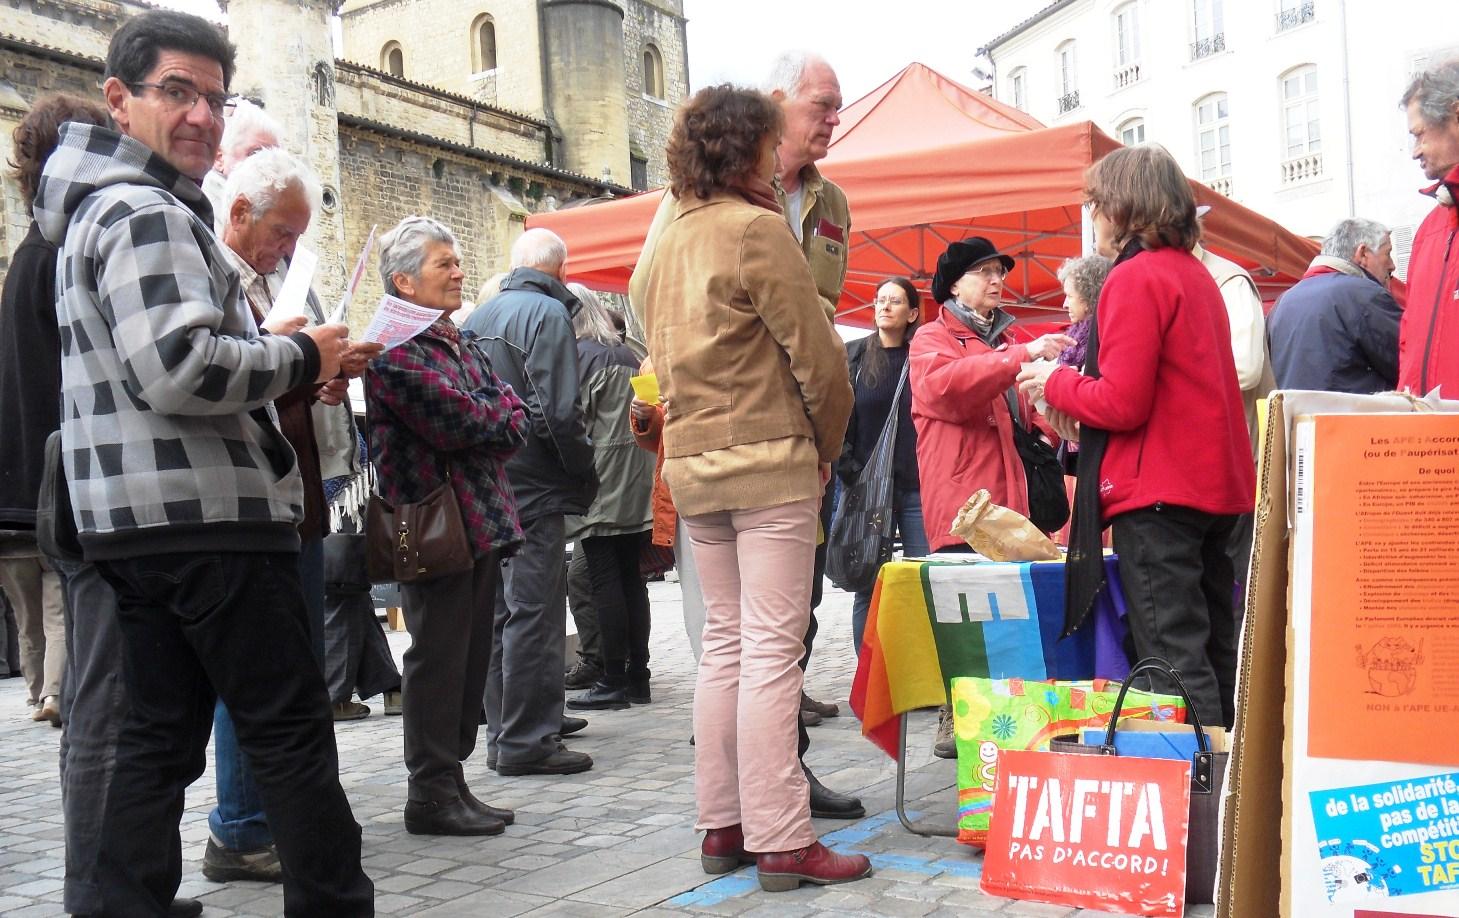 22 Journée mondiale de mobilisation contre TAFTA